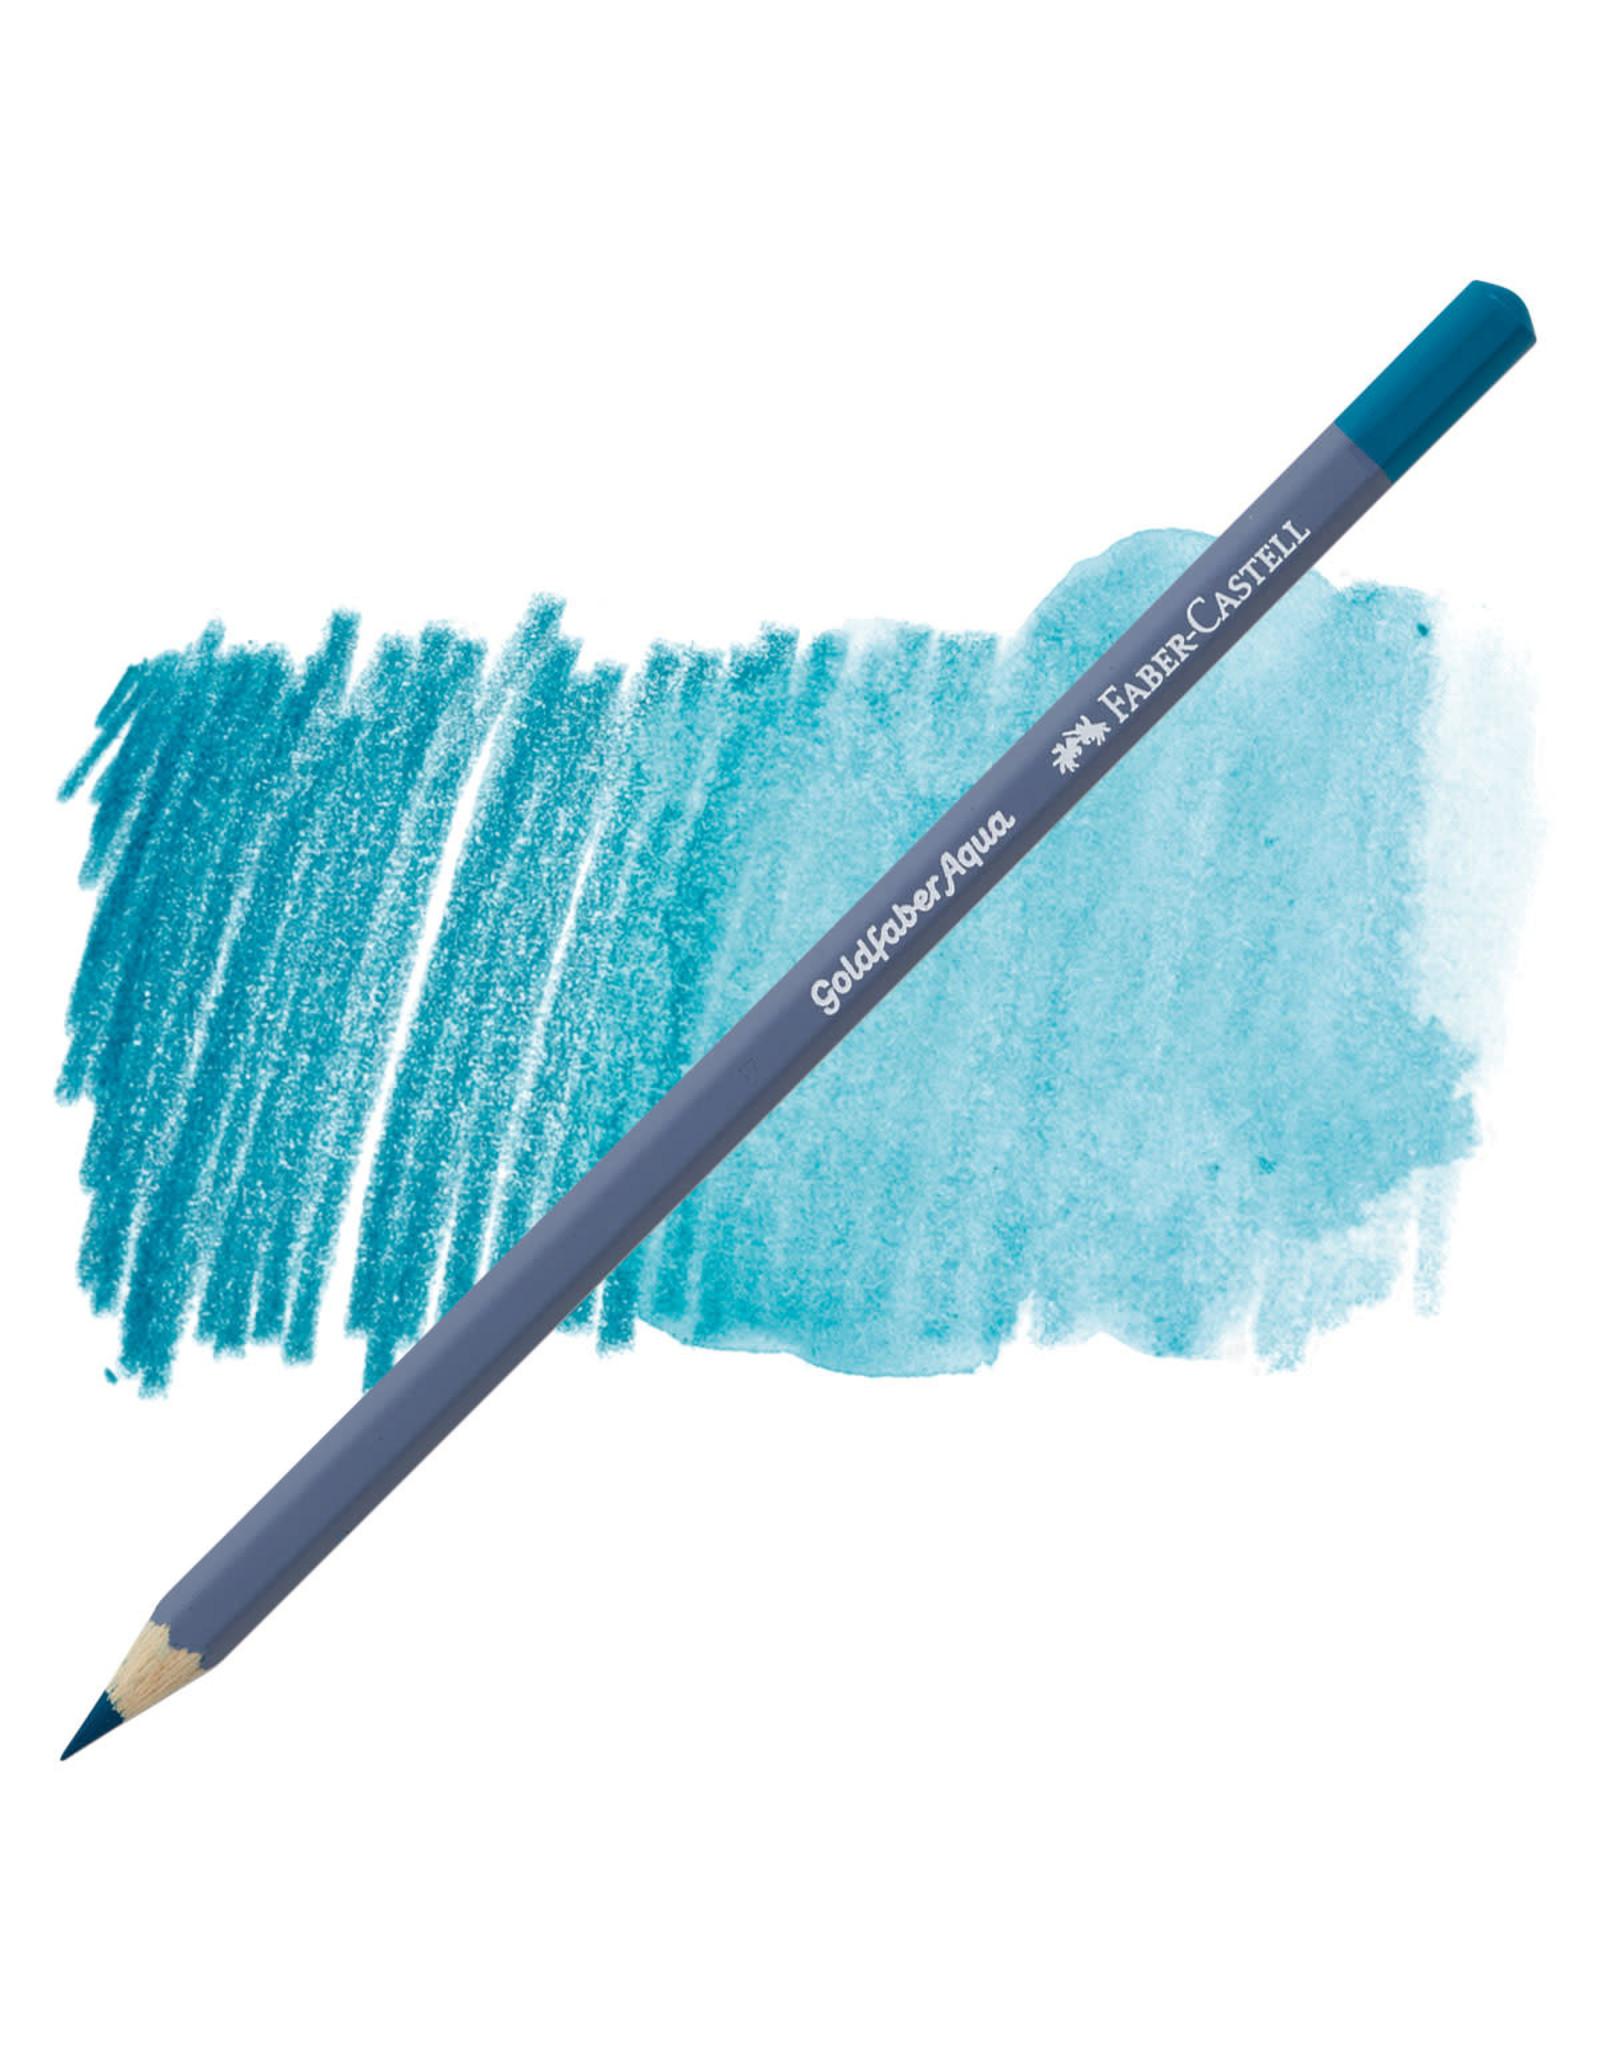 Faber-Castell Goldfaber Aqua Watercolor Pencil - Cobalt Turquoise  #153